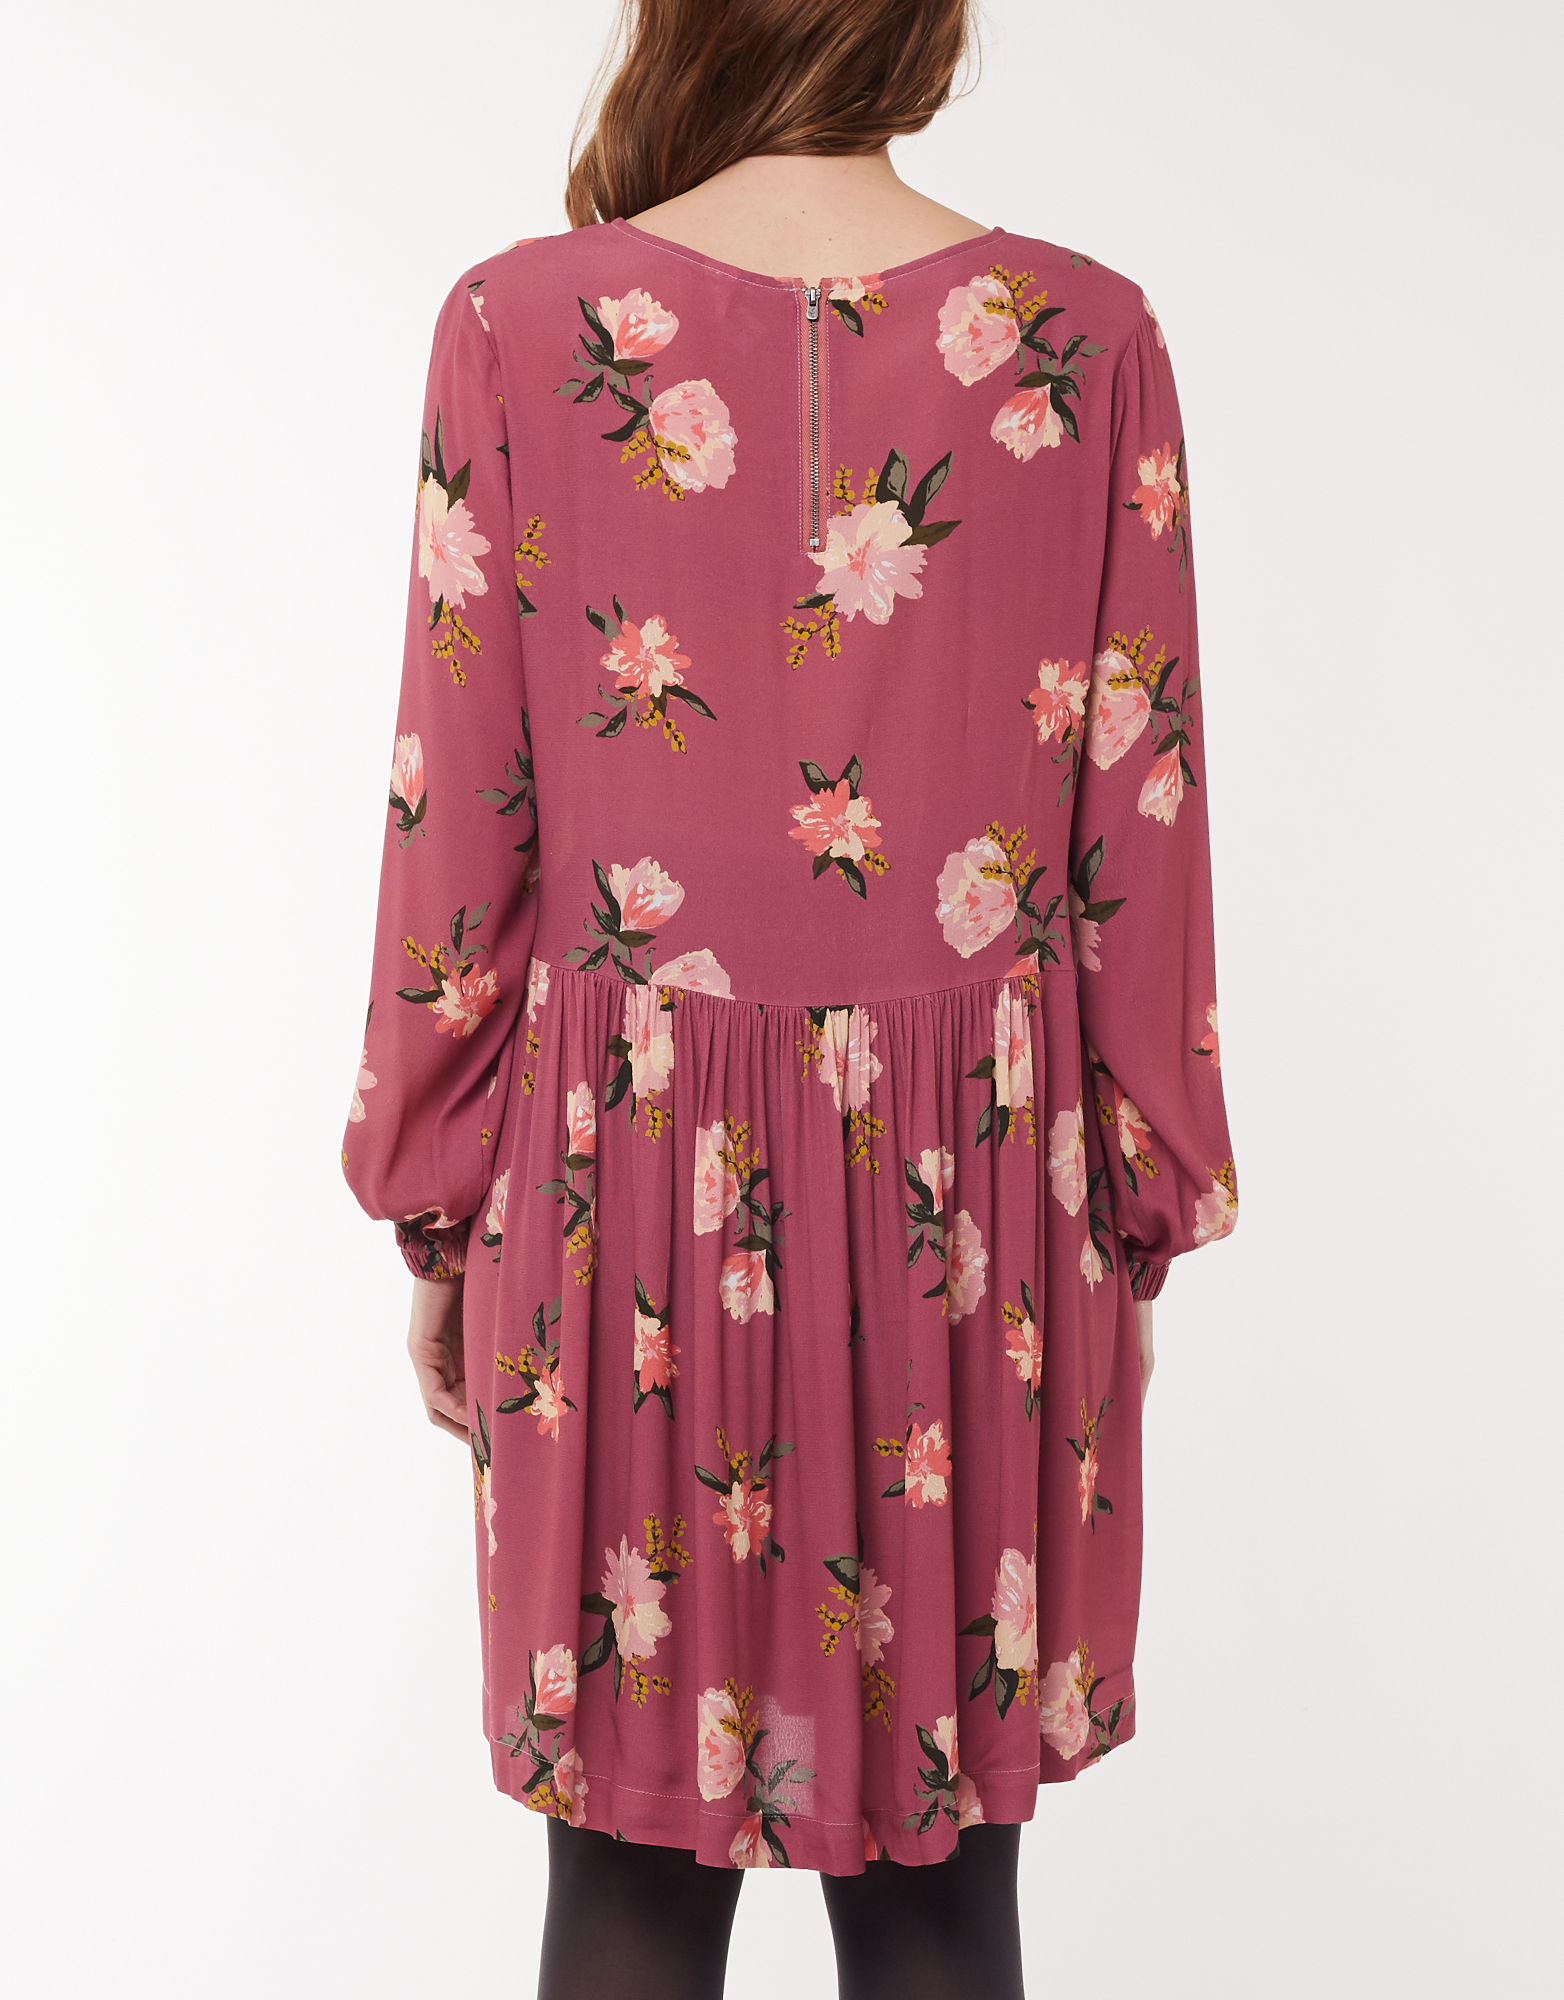 Elm Garden Party Dress